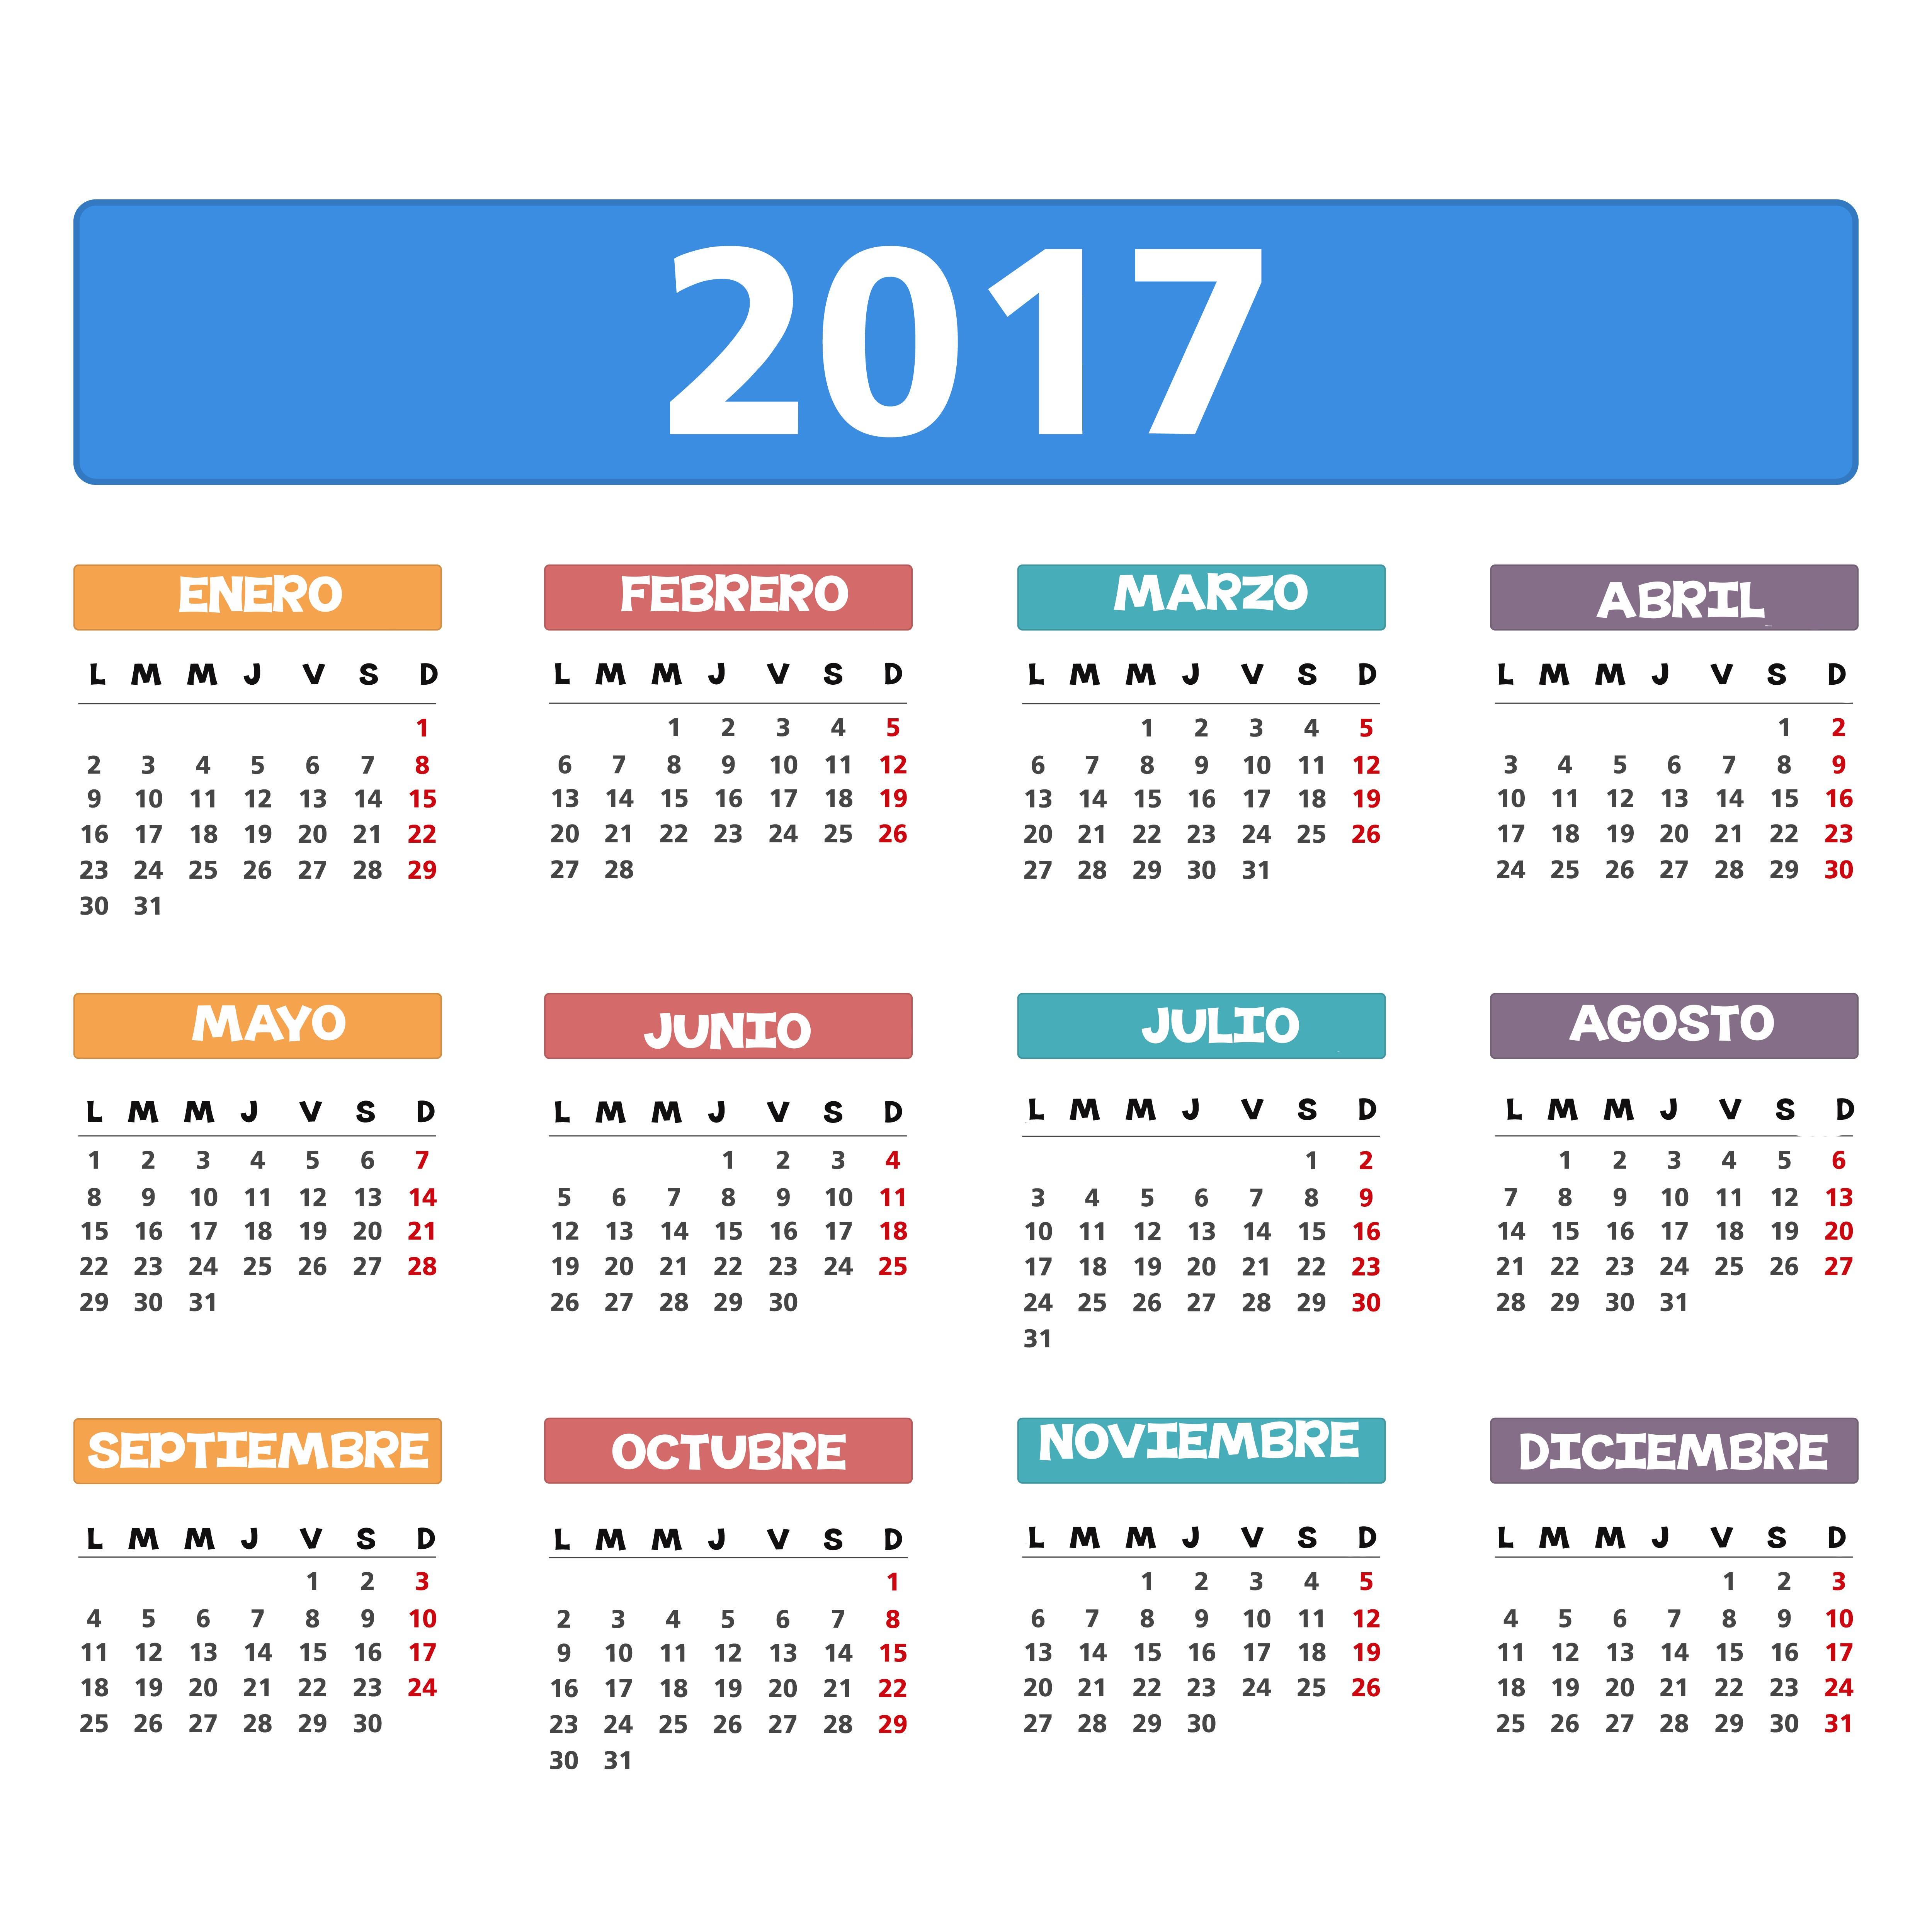 Imprimir Calendario Mes A Mes Top Calendario Para Imprimir Top